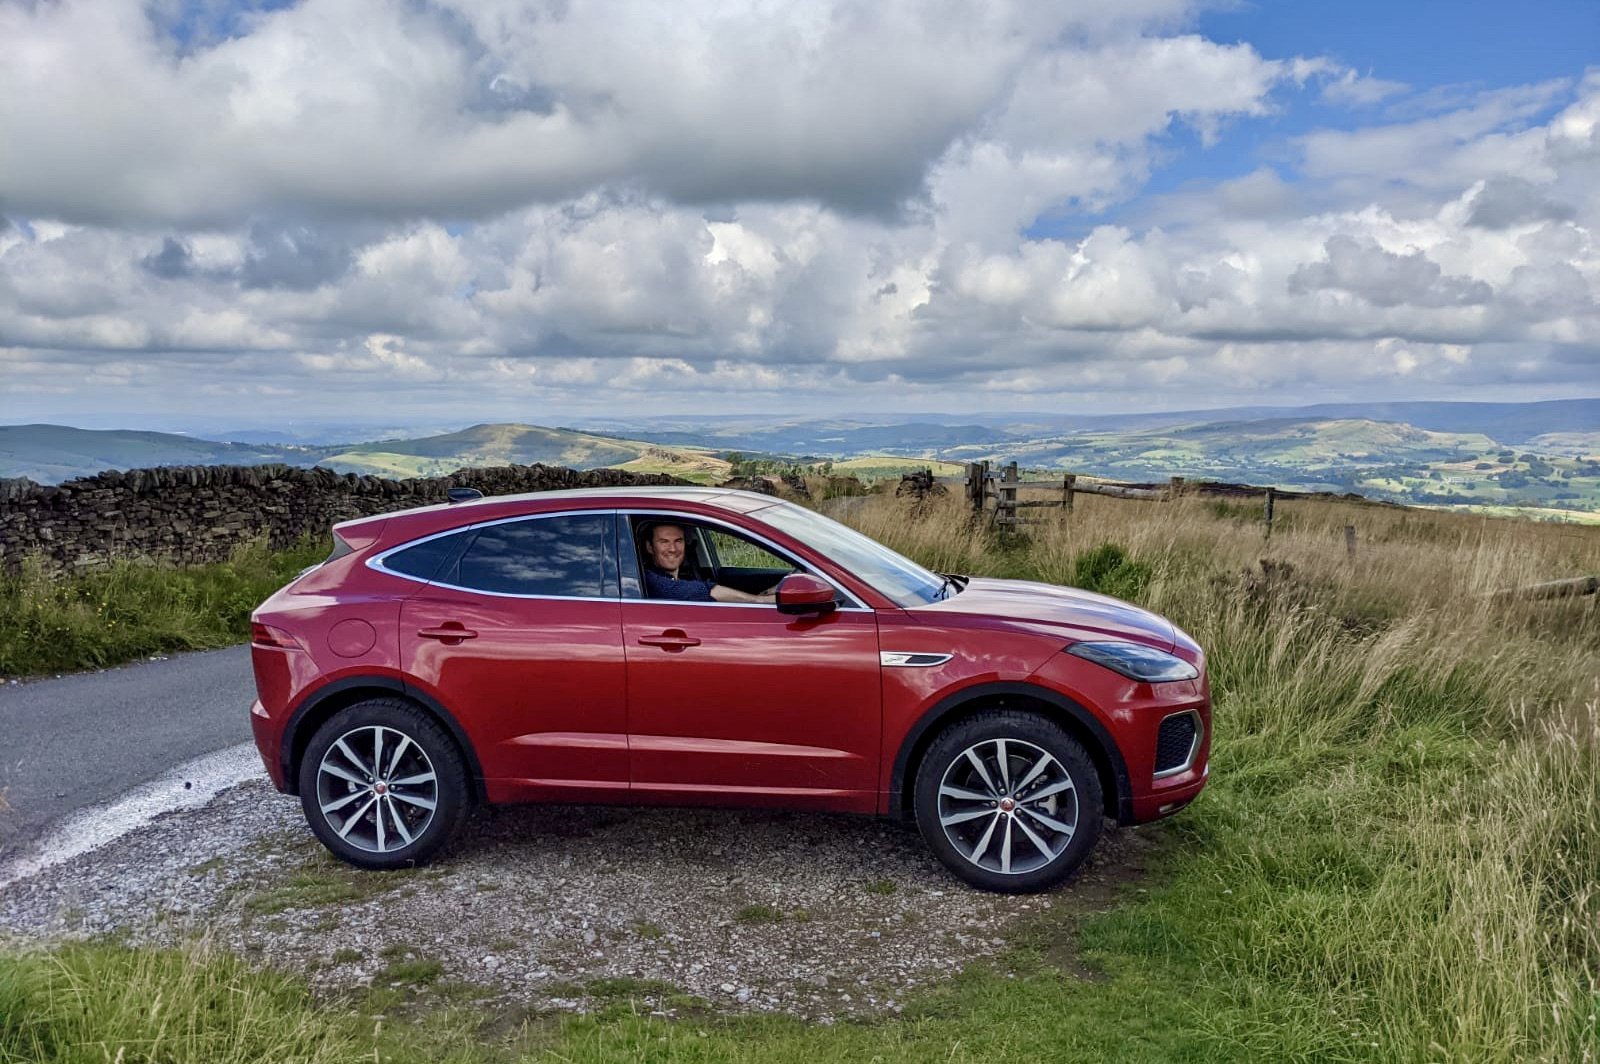 Jaguar E-Pace 2021 long-term hilltop